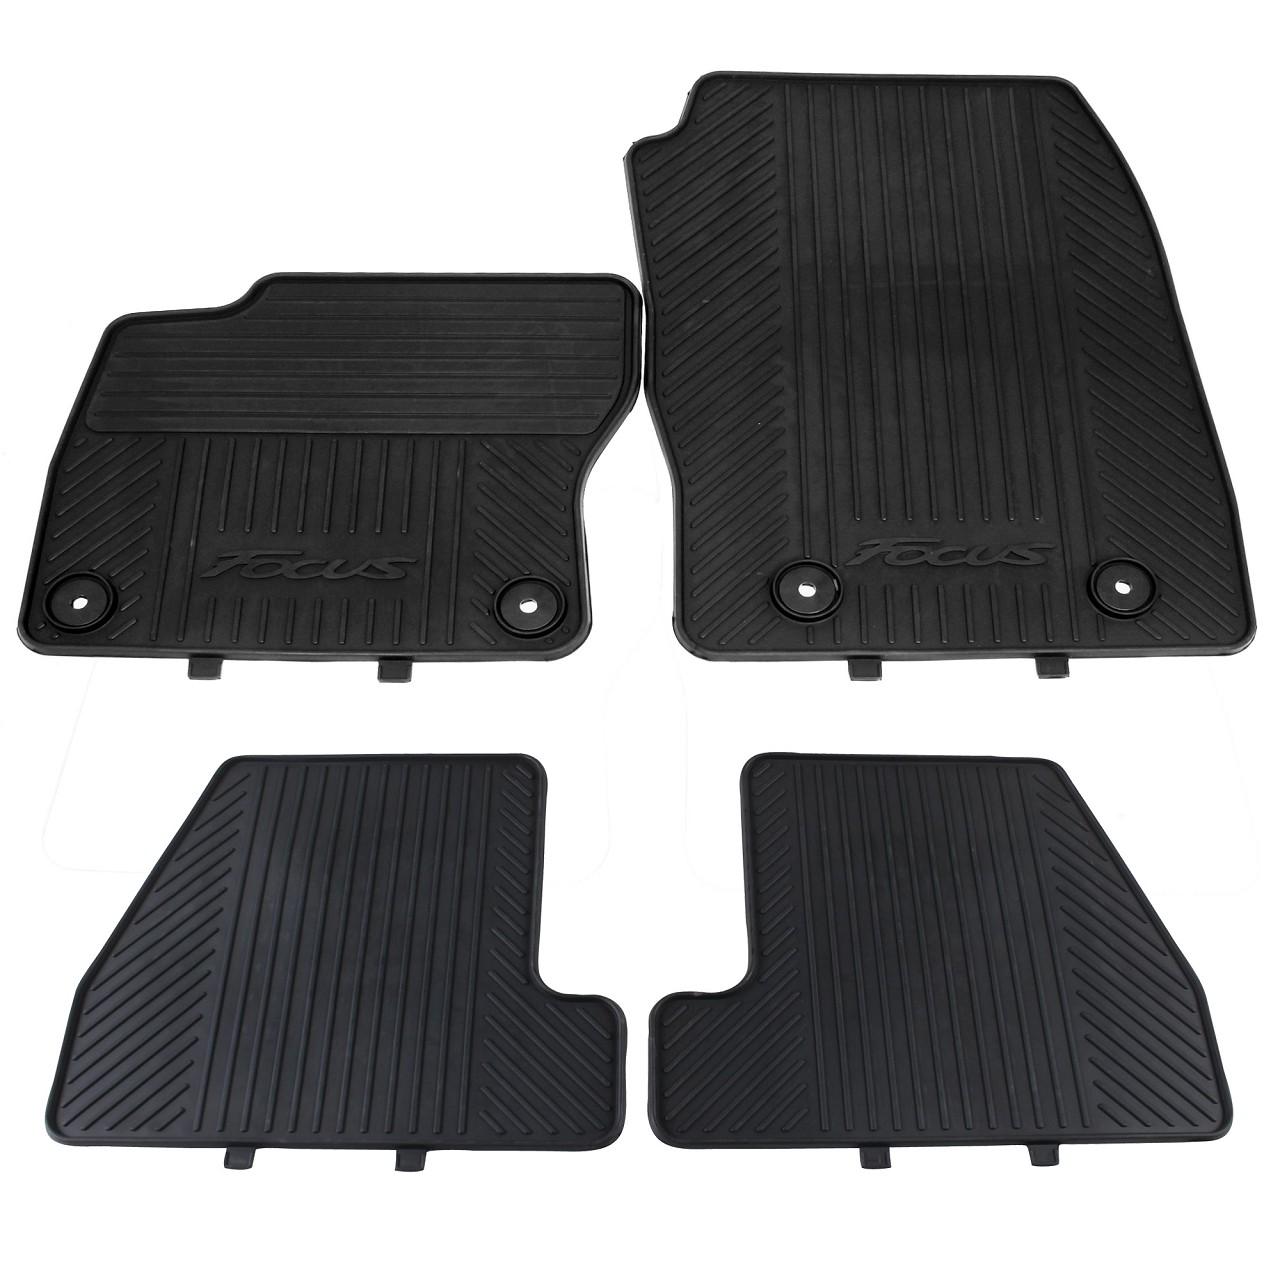 ORIGINAL Ford Gummimatten Fußmatten Automatten Satz Focus III ab 02.2015 4-tlg